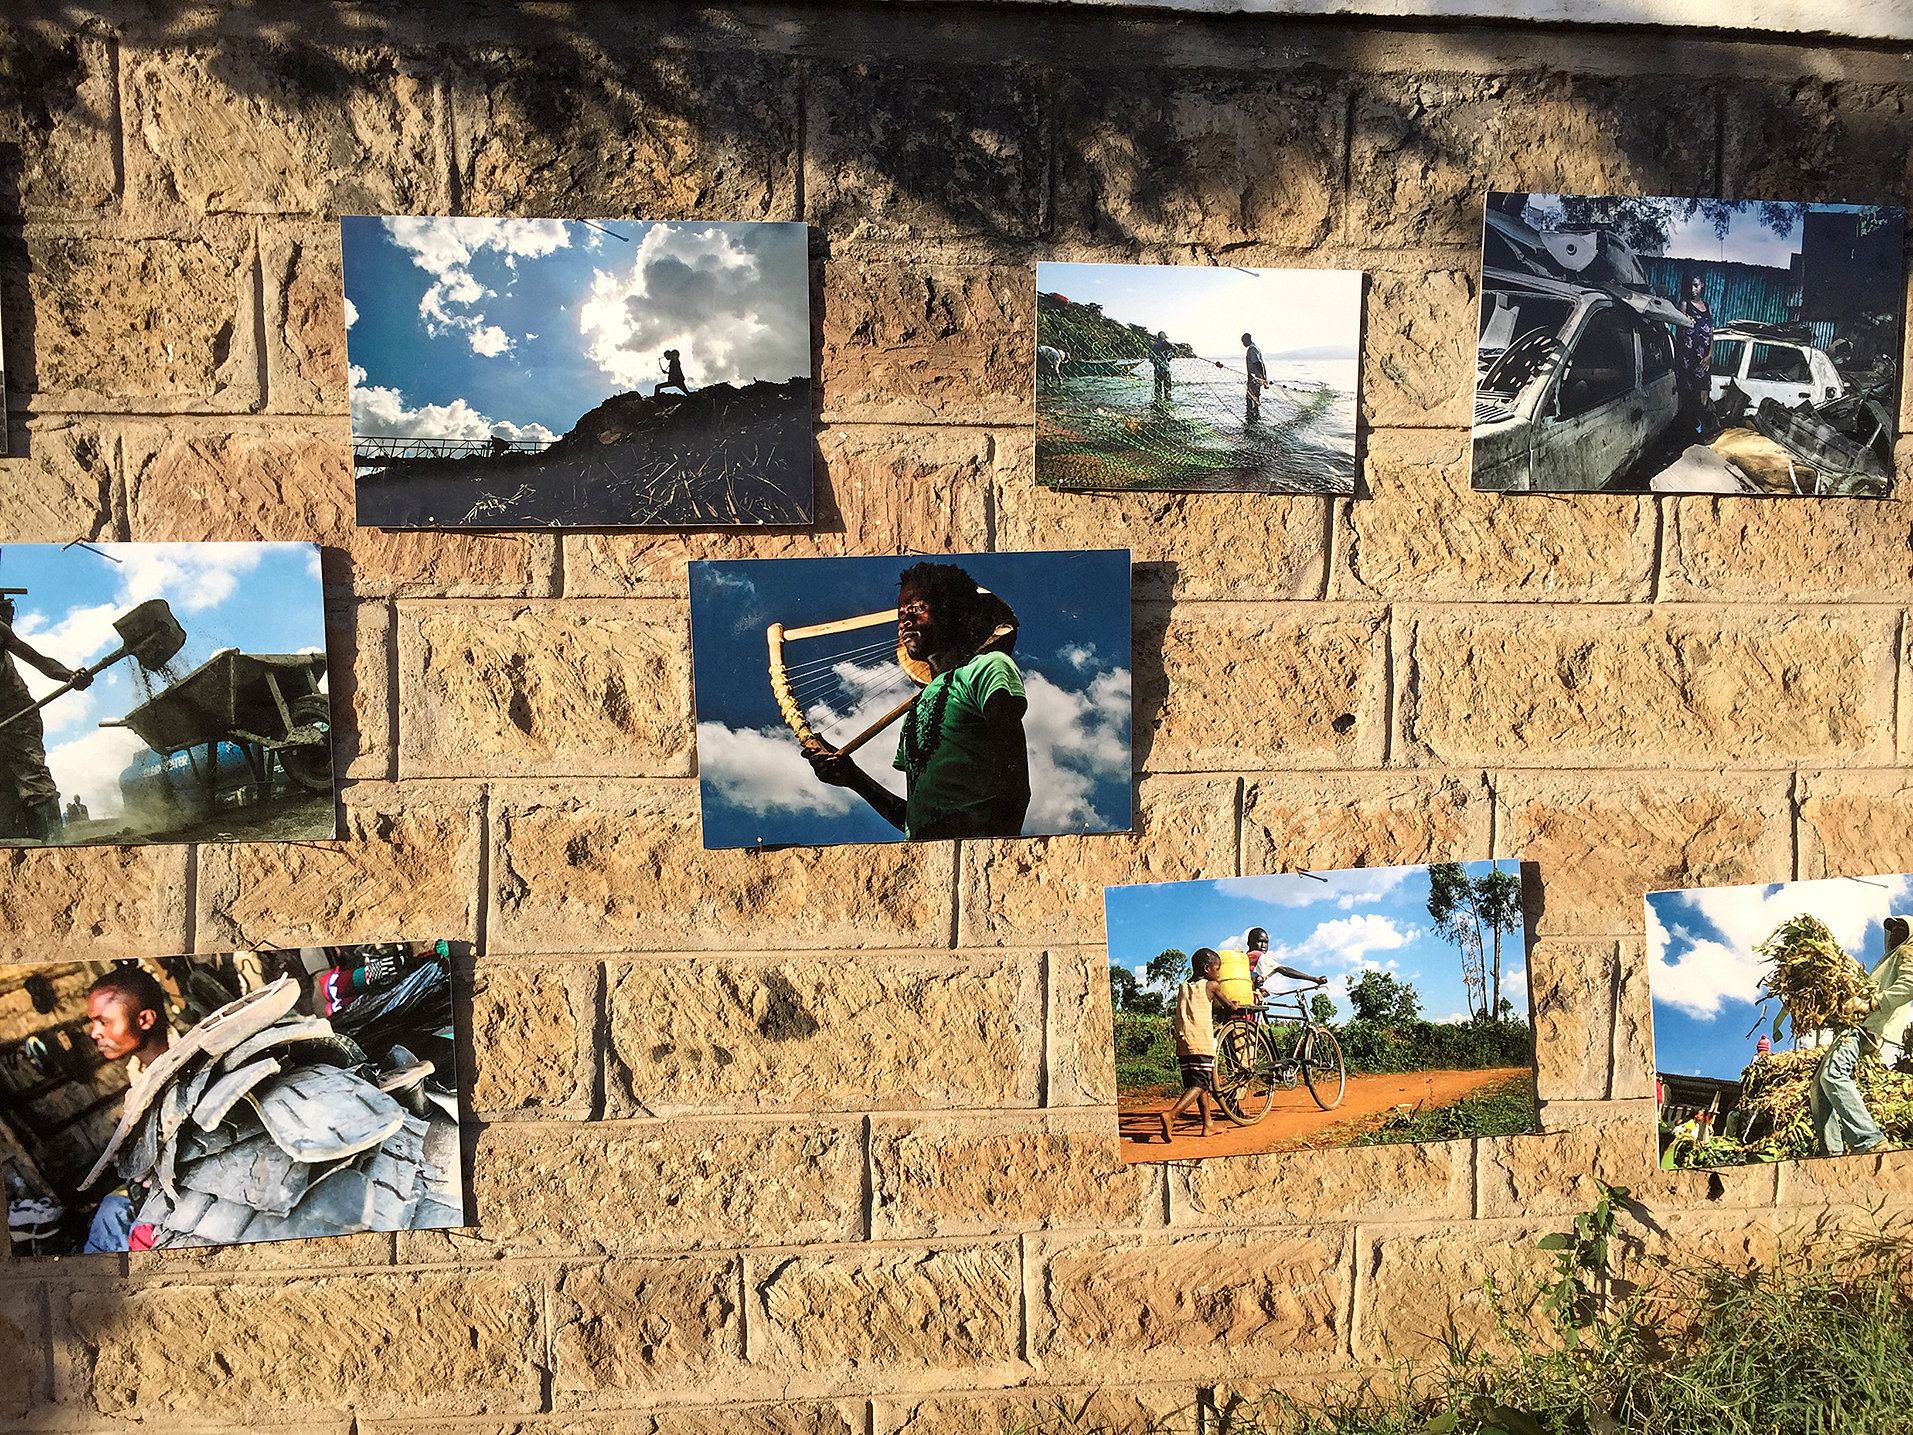 Tillsammans med lokala konstnärer och några av Nairobis största namn inom gatukost, samlas barn och ungdomar från området för att förvandla gatorna till offentliga konstverk.